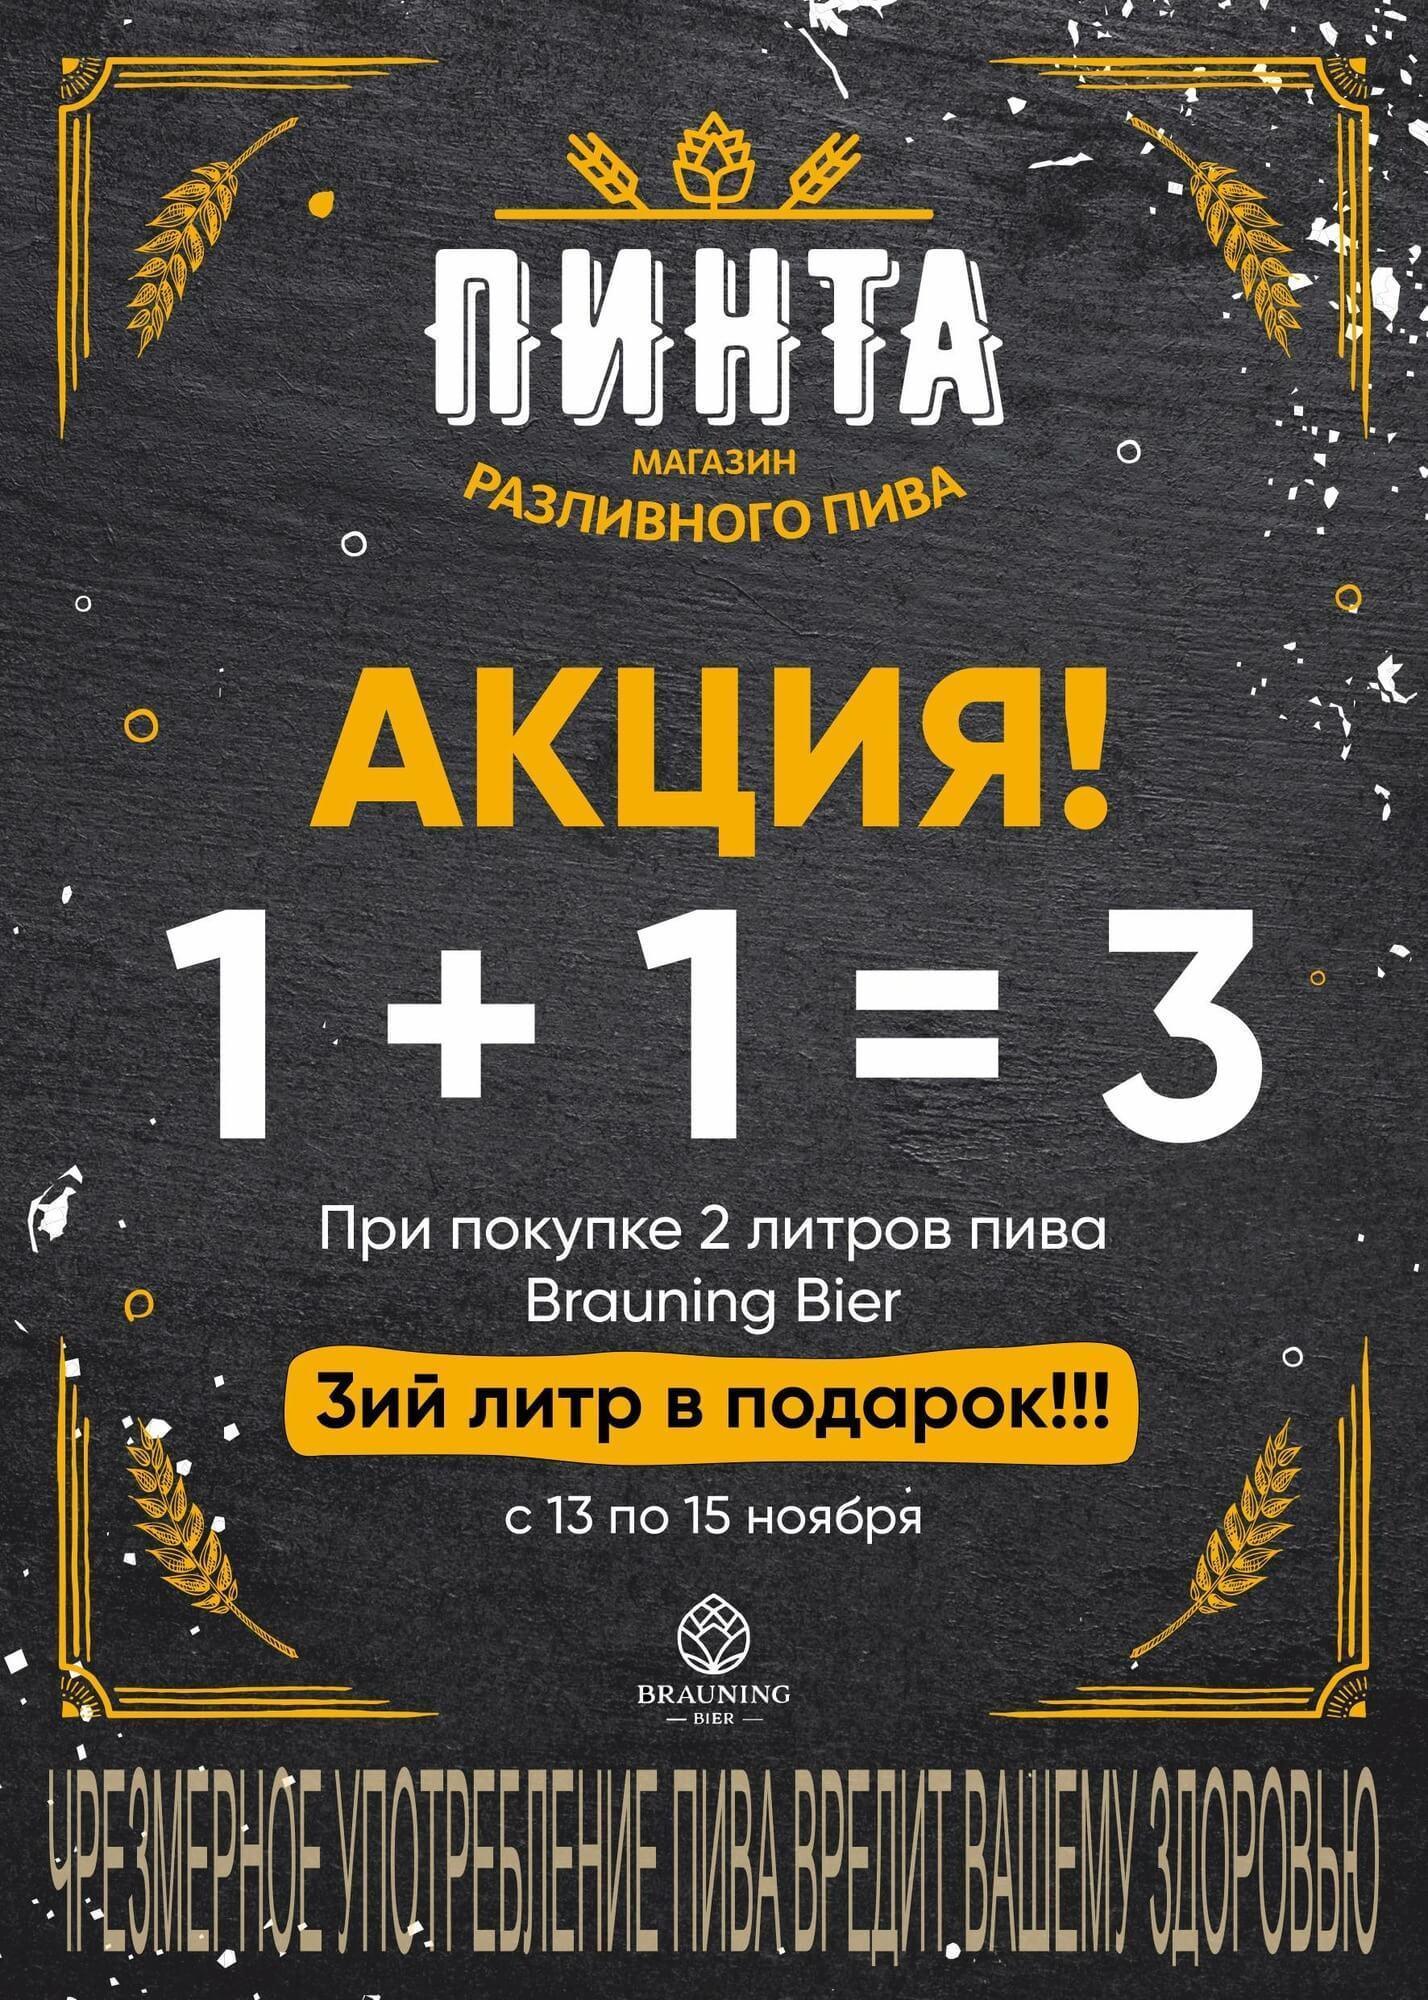 Акция 1+1=3 в магазинах Пинта